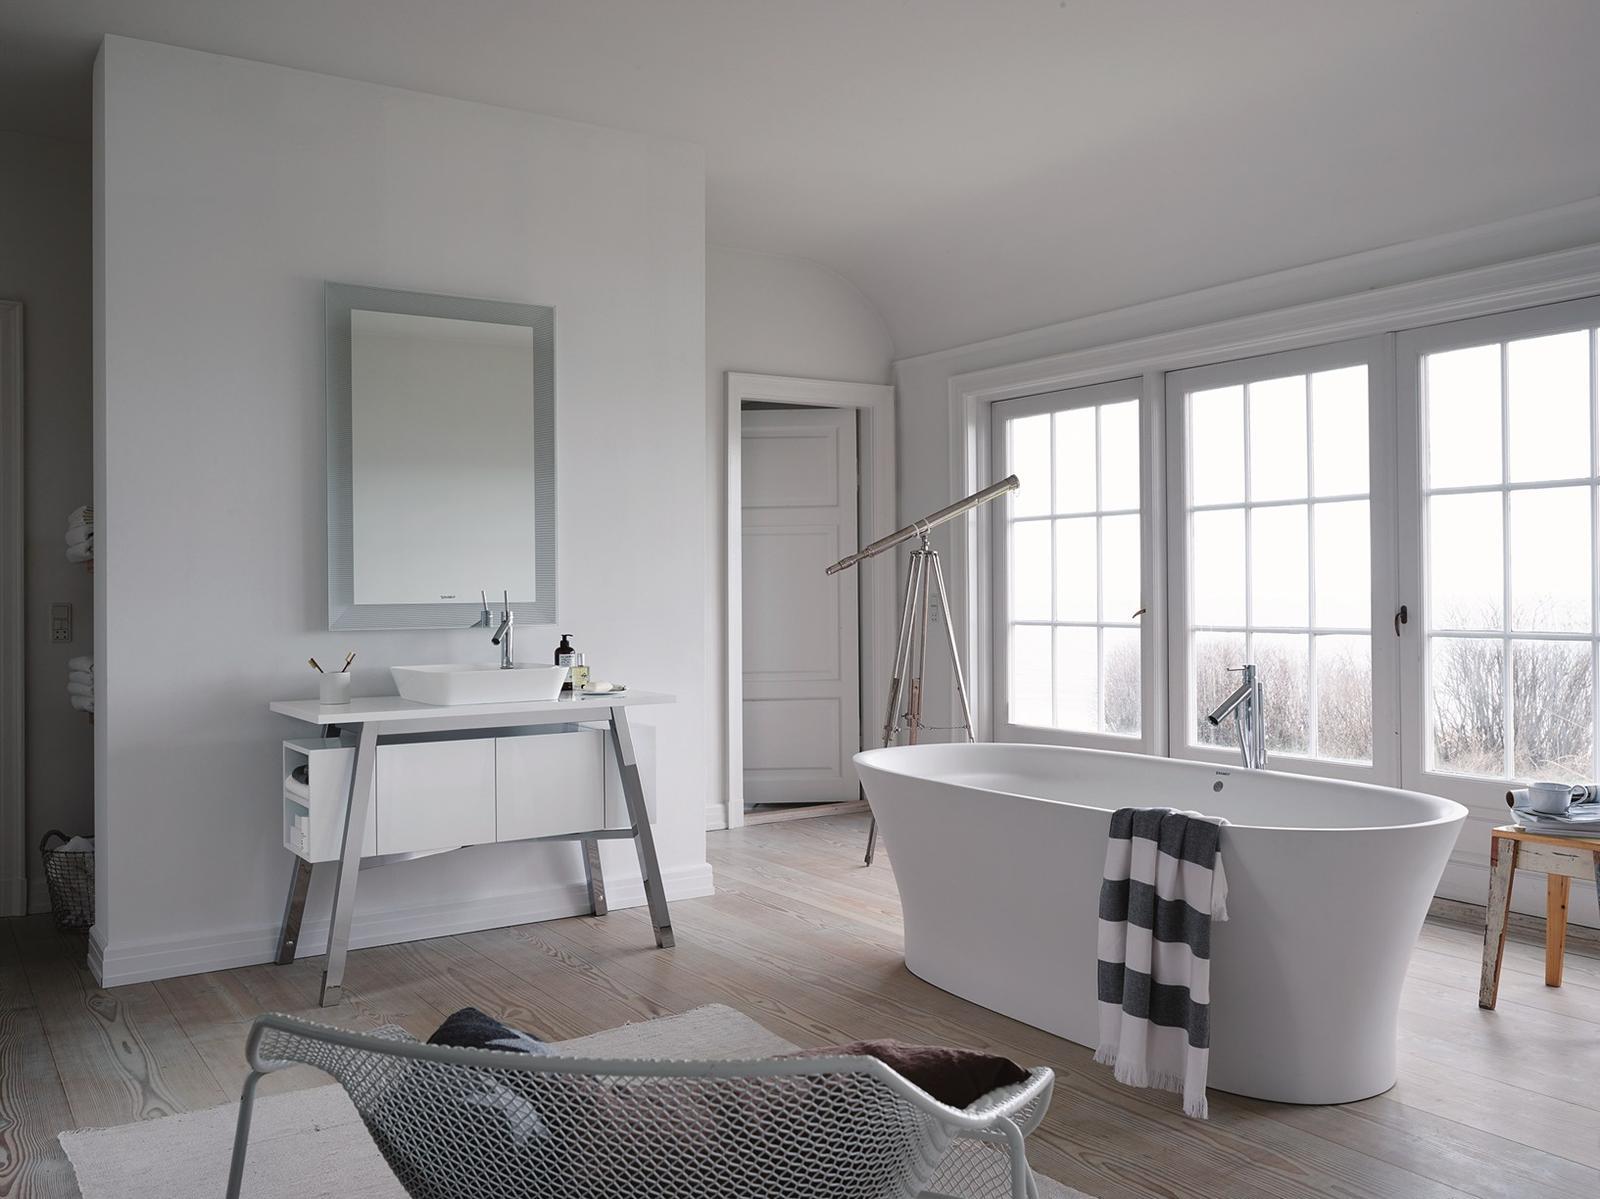 Zariaďujeme luxusnú kúpeľňu - Obrázok č. 2